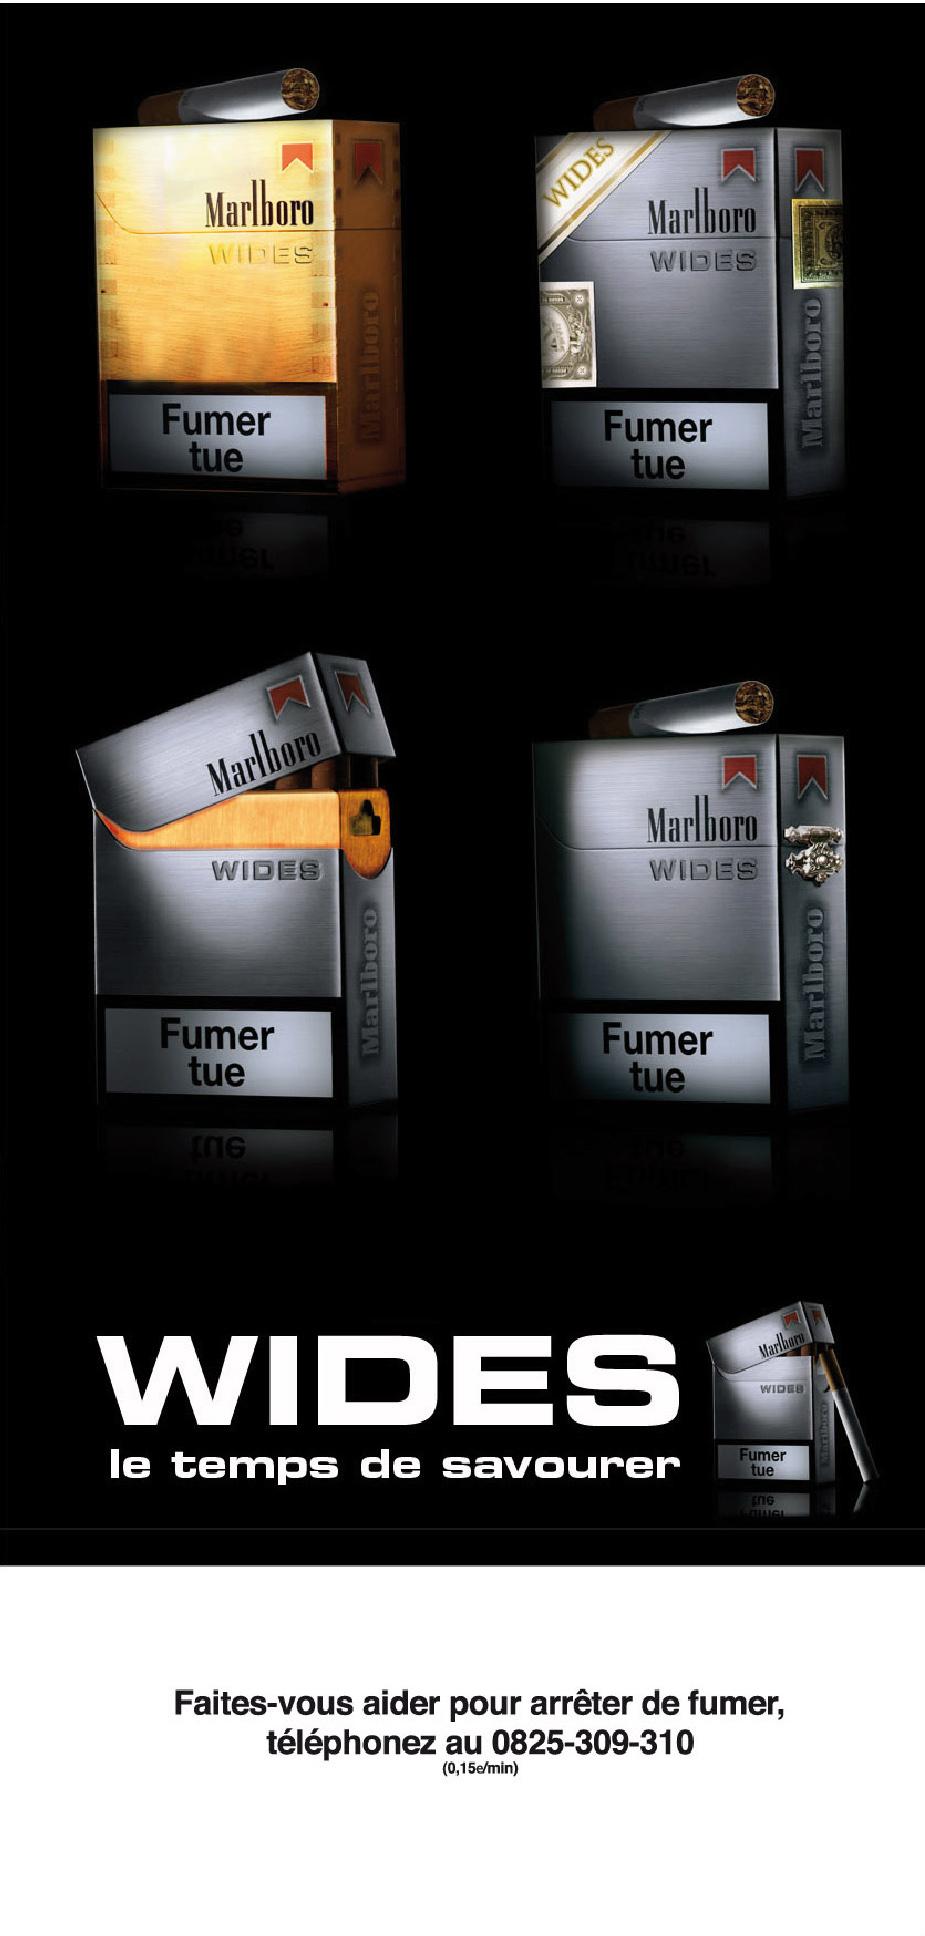 affiche-wides_affiche wides 1.jpg